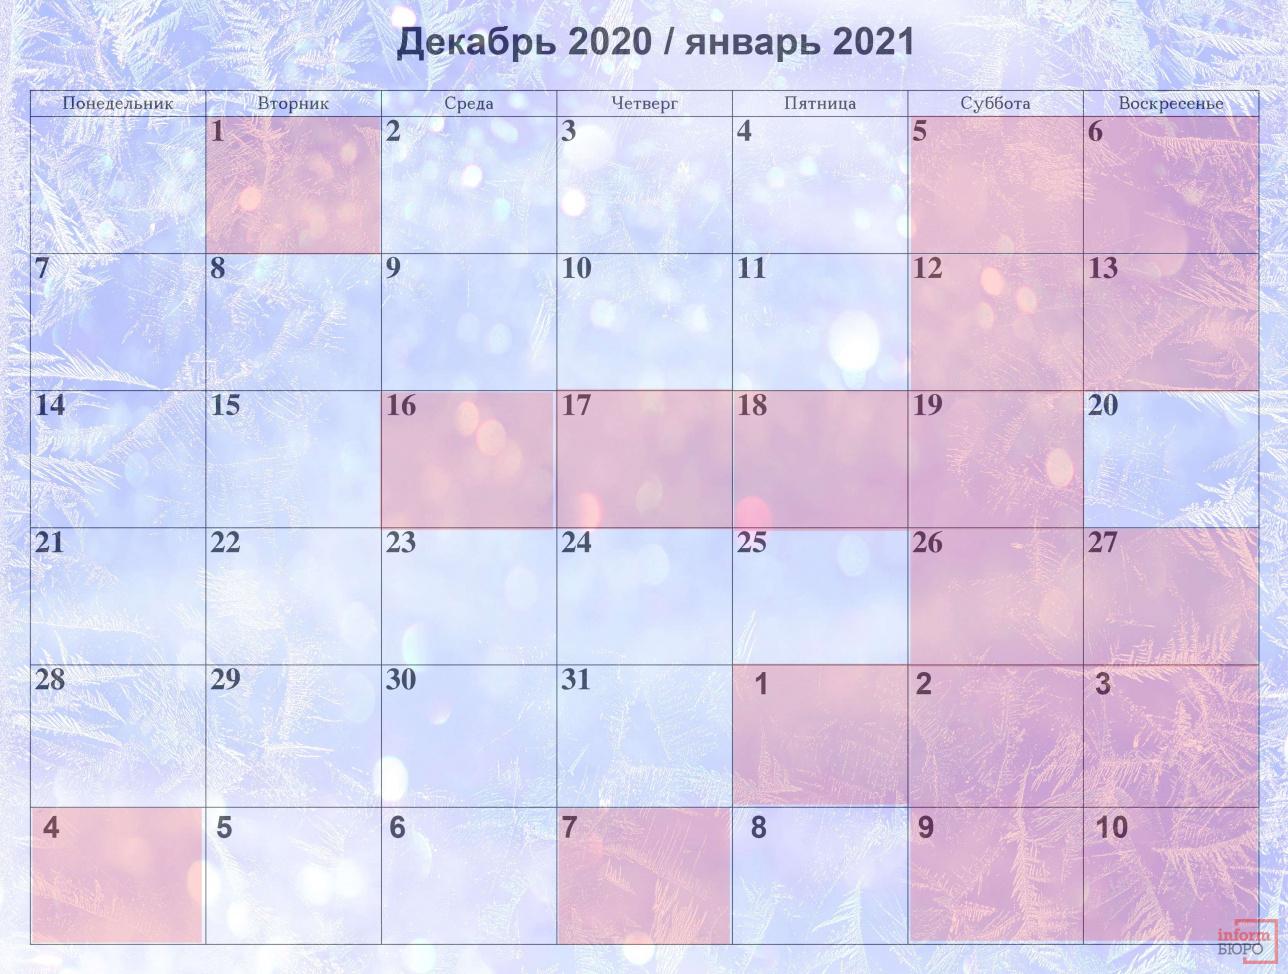 Календарь выходных дней в декабре и январе